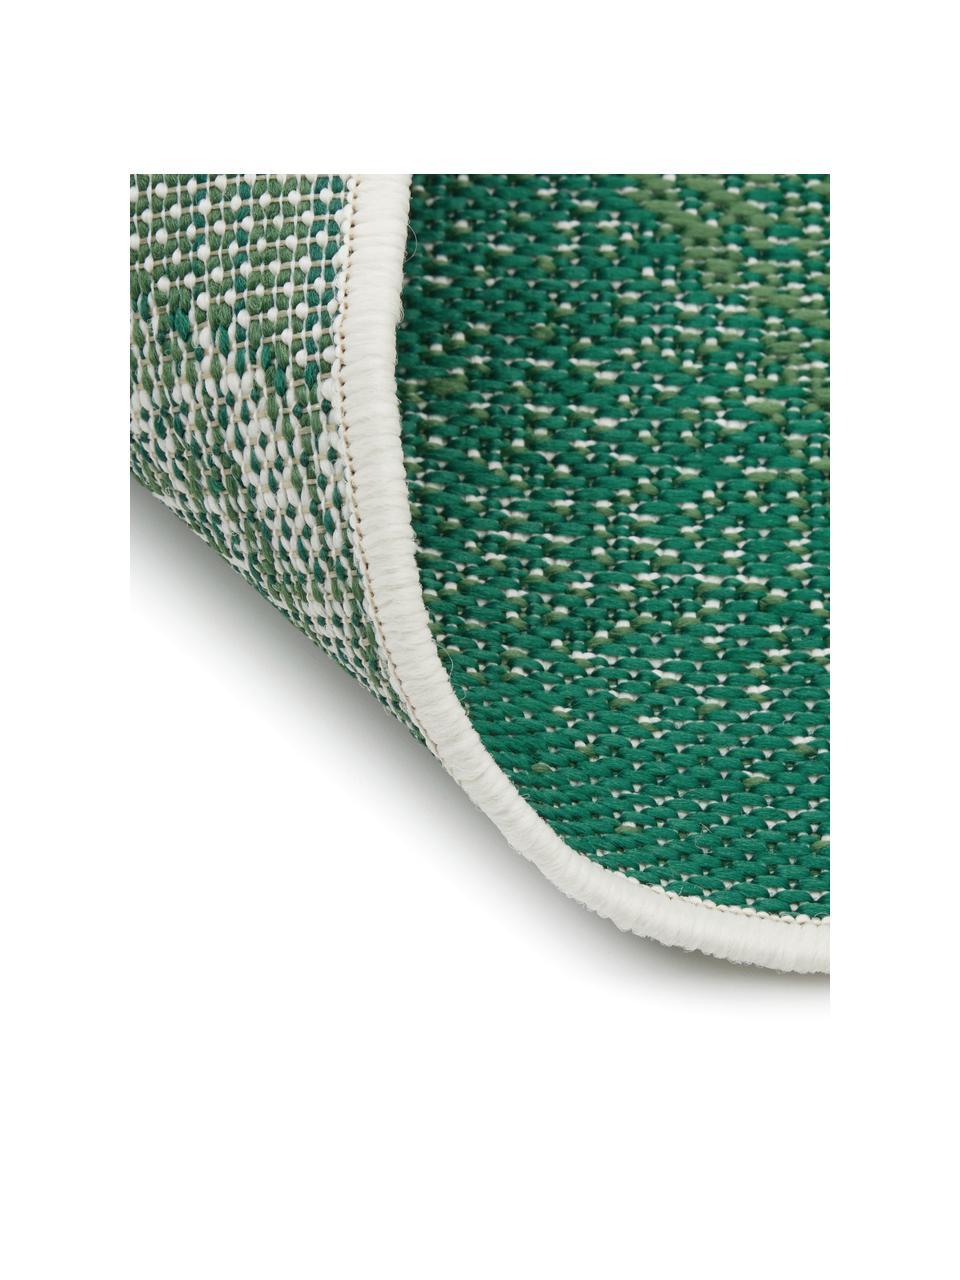 In- & Outdoor-Teppich Jungle mit Blattmuster, 86% Polypropylen, 14% Polyester, Cremeweiß, Grün, B 200 x L 290 cm (Größe L)